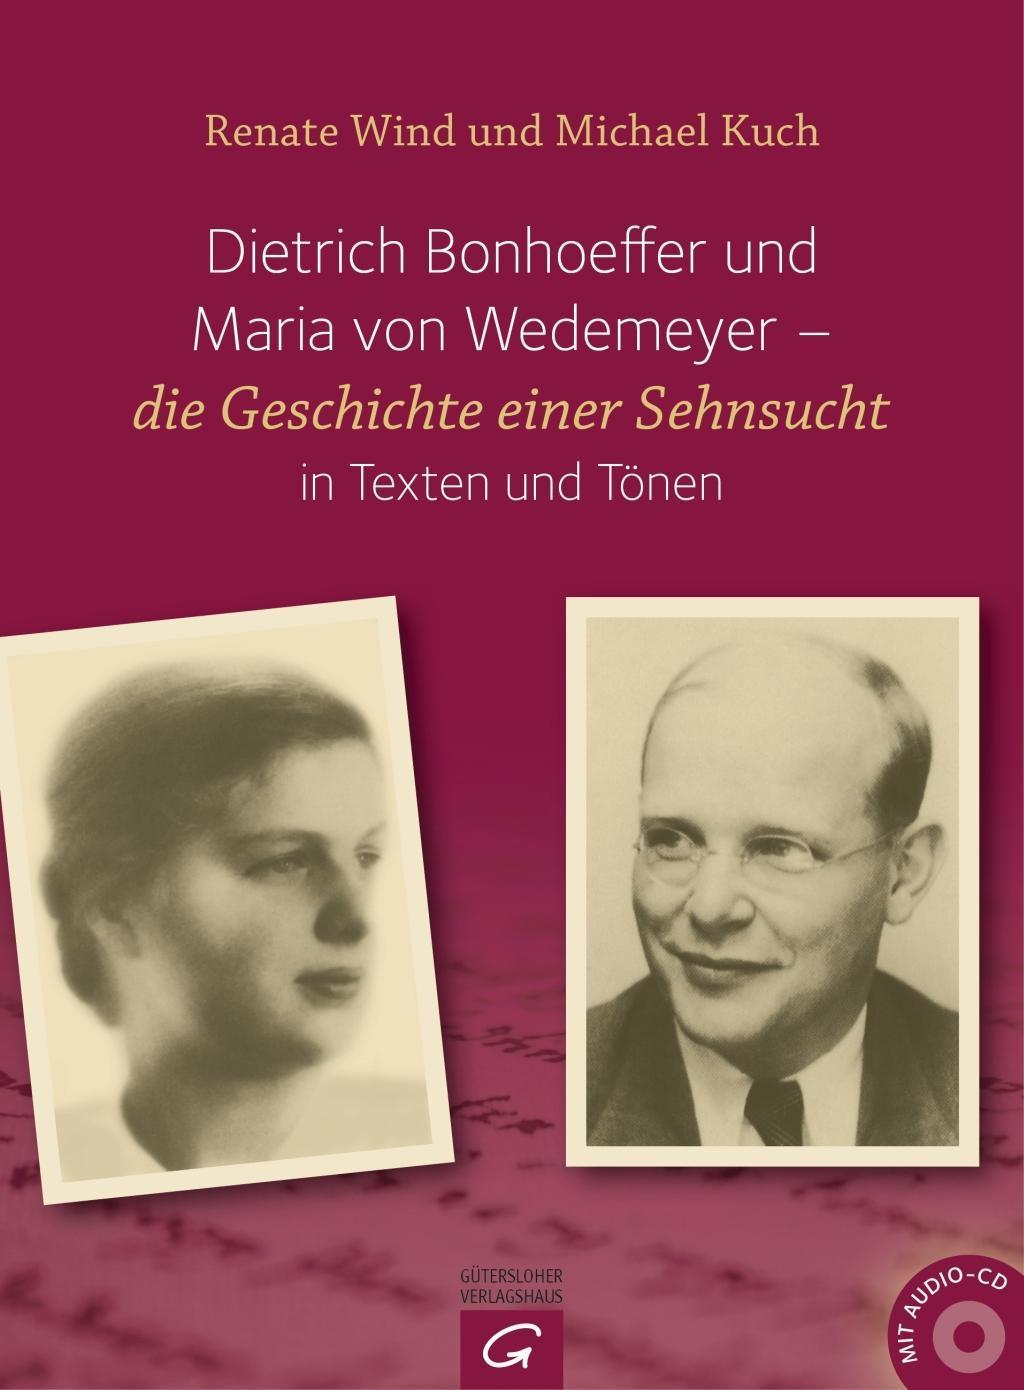 Dietrich Bonhoeffer und Maria von Wedemeyer Renate Wind